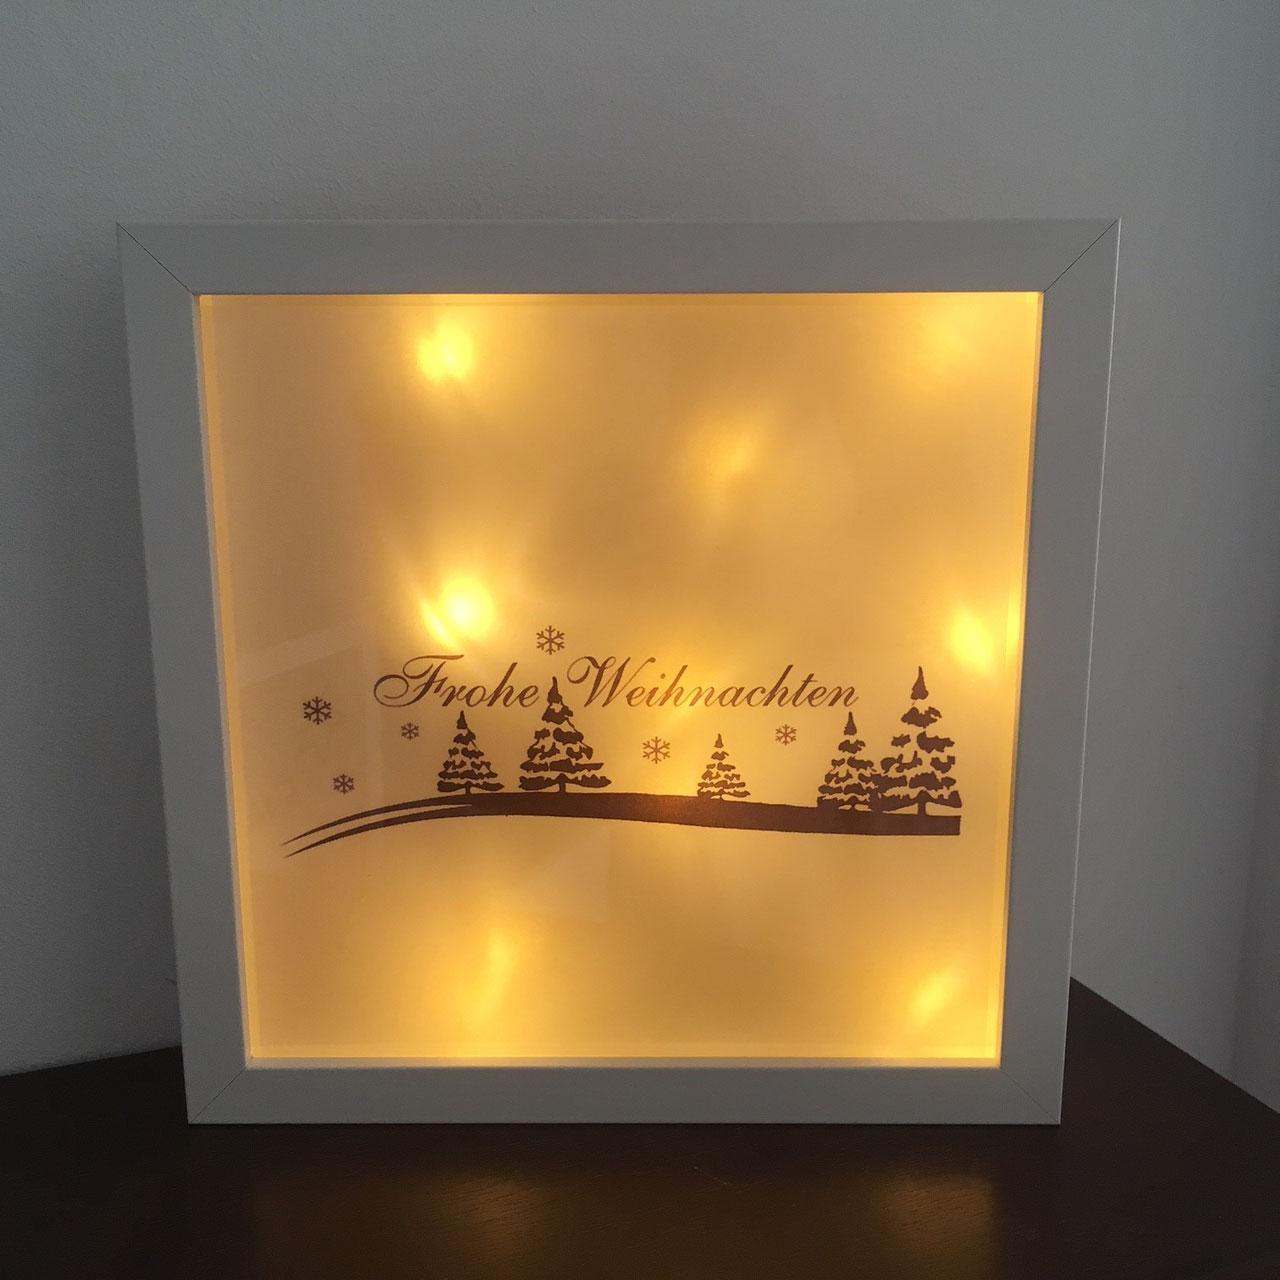 led bilderrahmen frohe weihnachten sch nes aus wolle. Black Bedroom Furniture Sets. Home Design Ideas